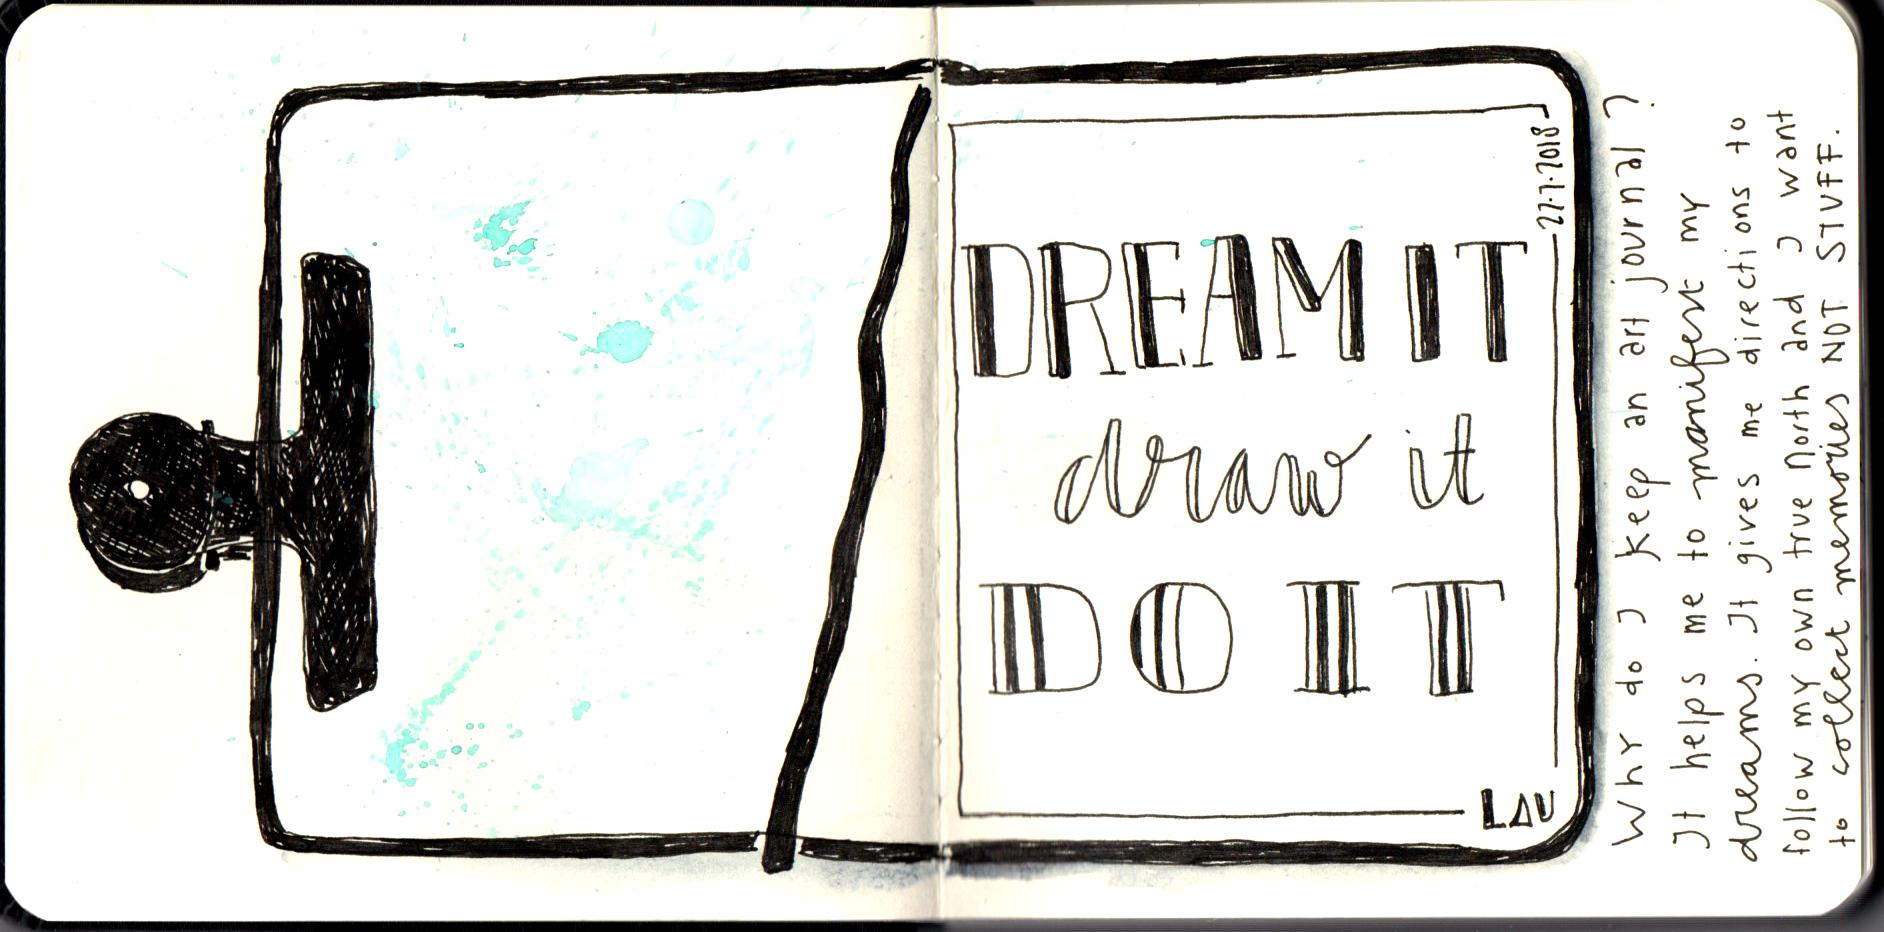 Dreamit Drawit Doit 1 Laurien Baart